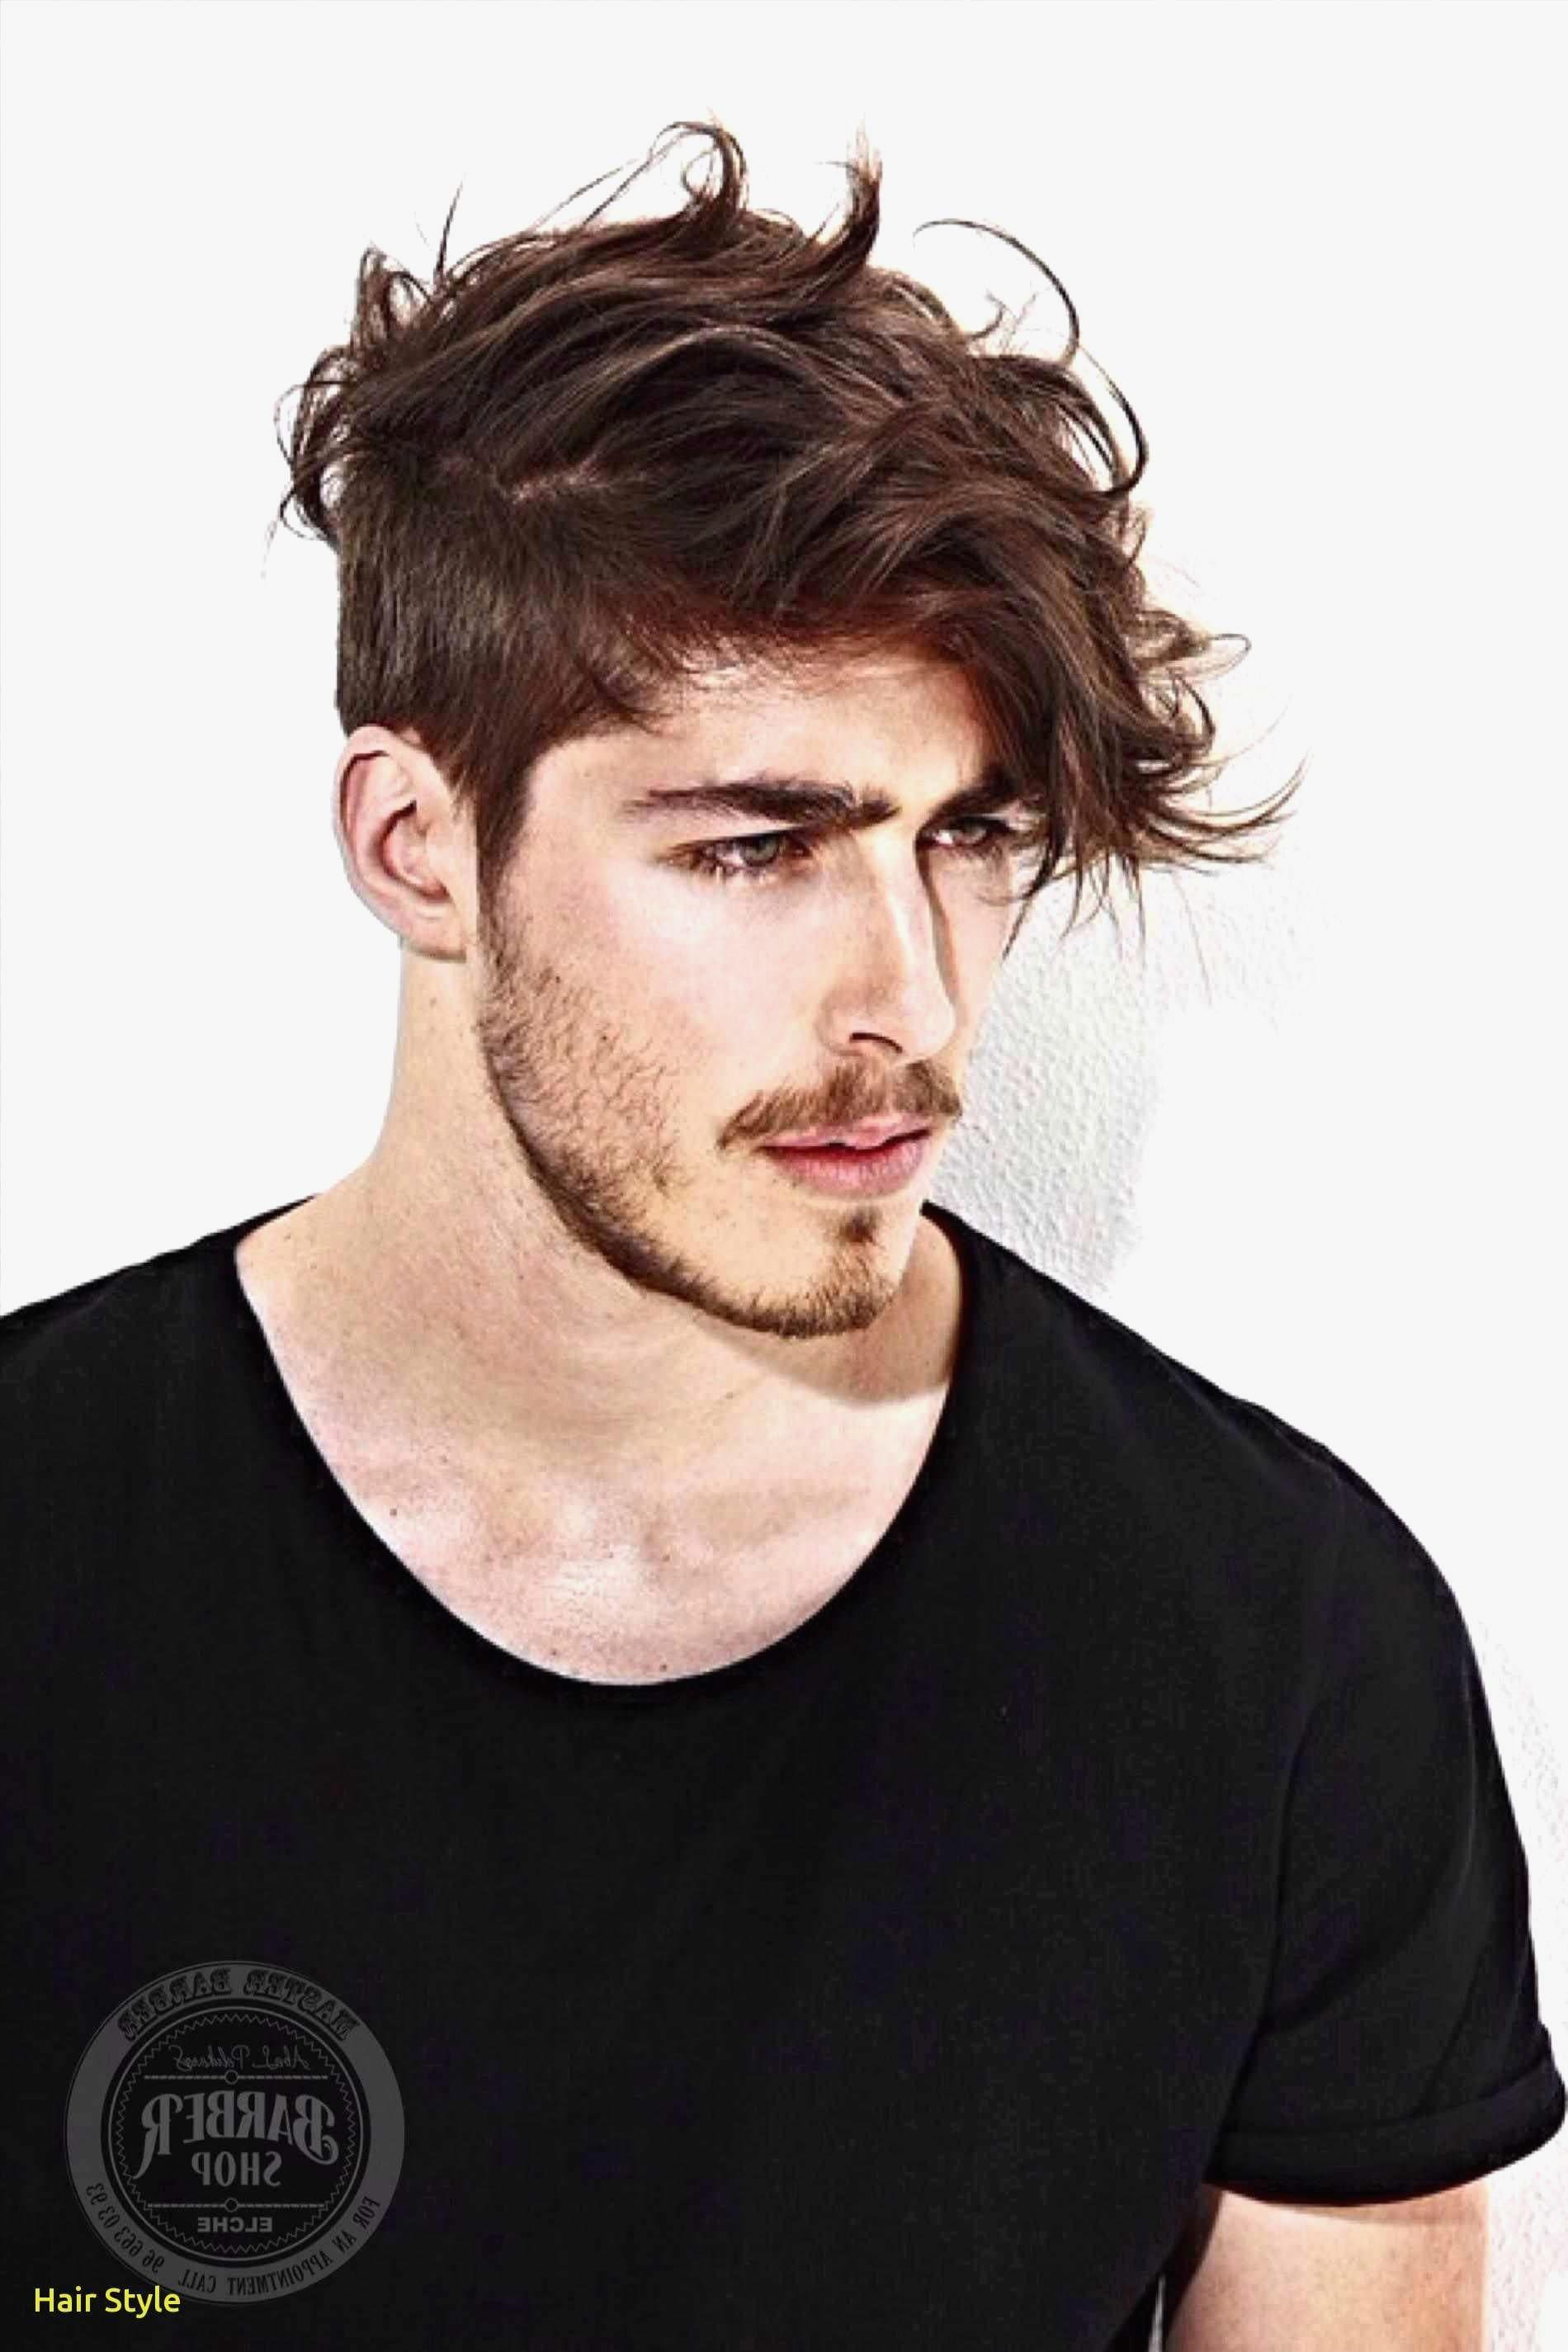 Frisuren Manner Blond Mittellang Frisuren Lange Haare Manner